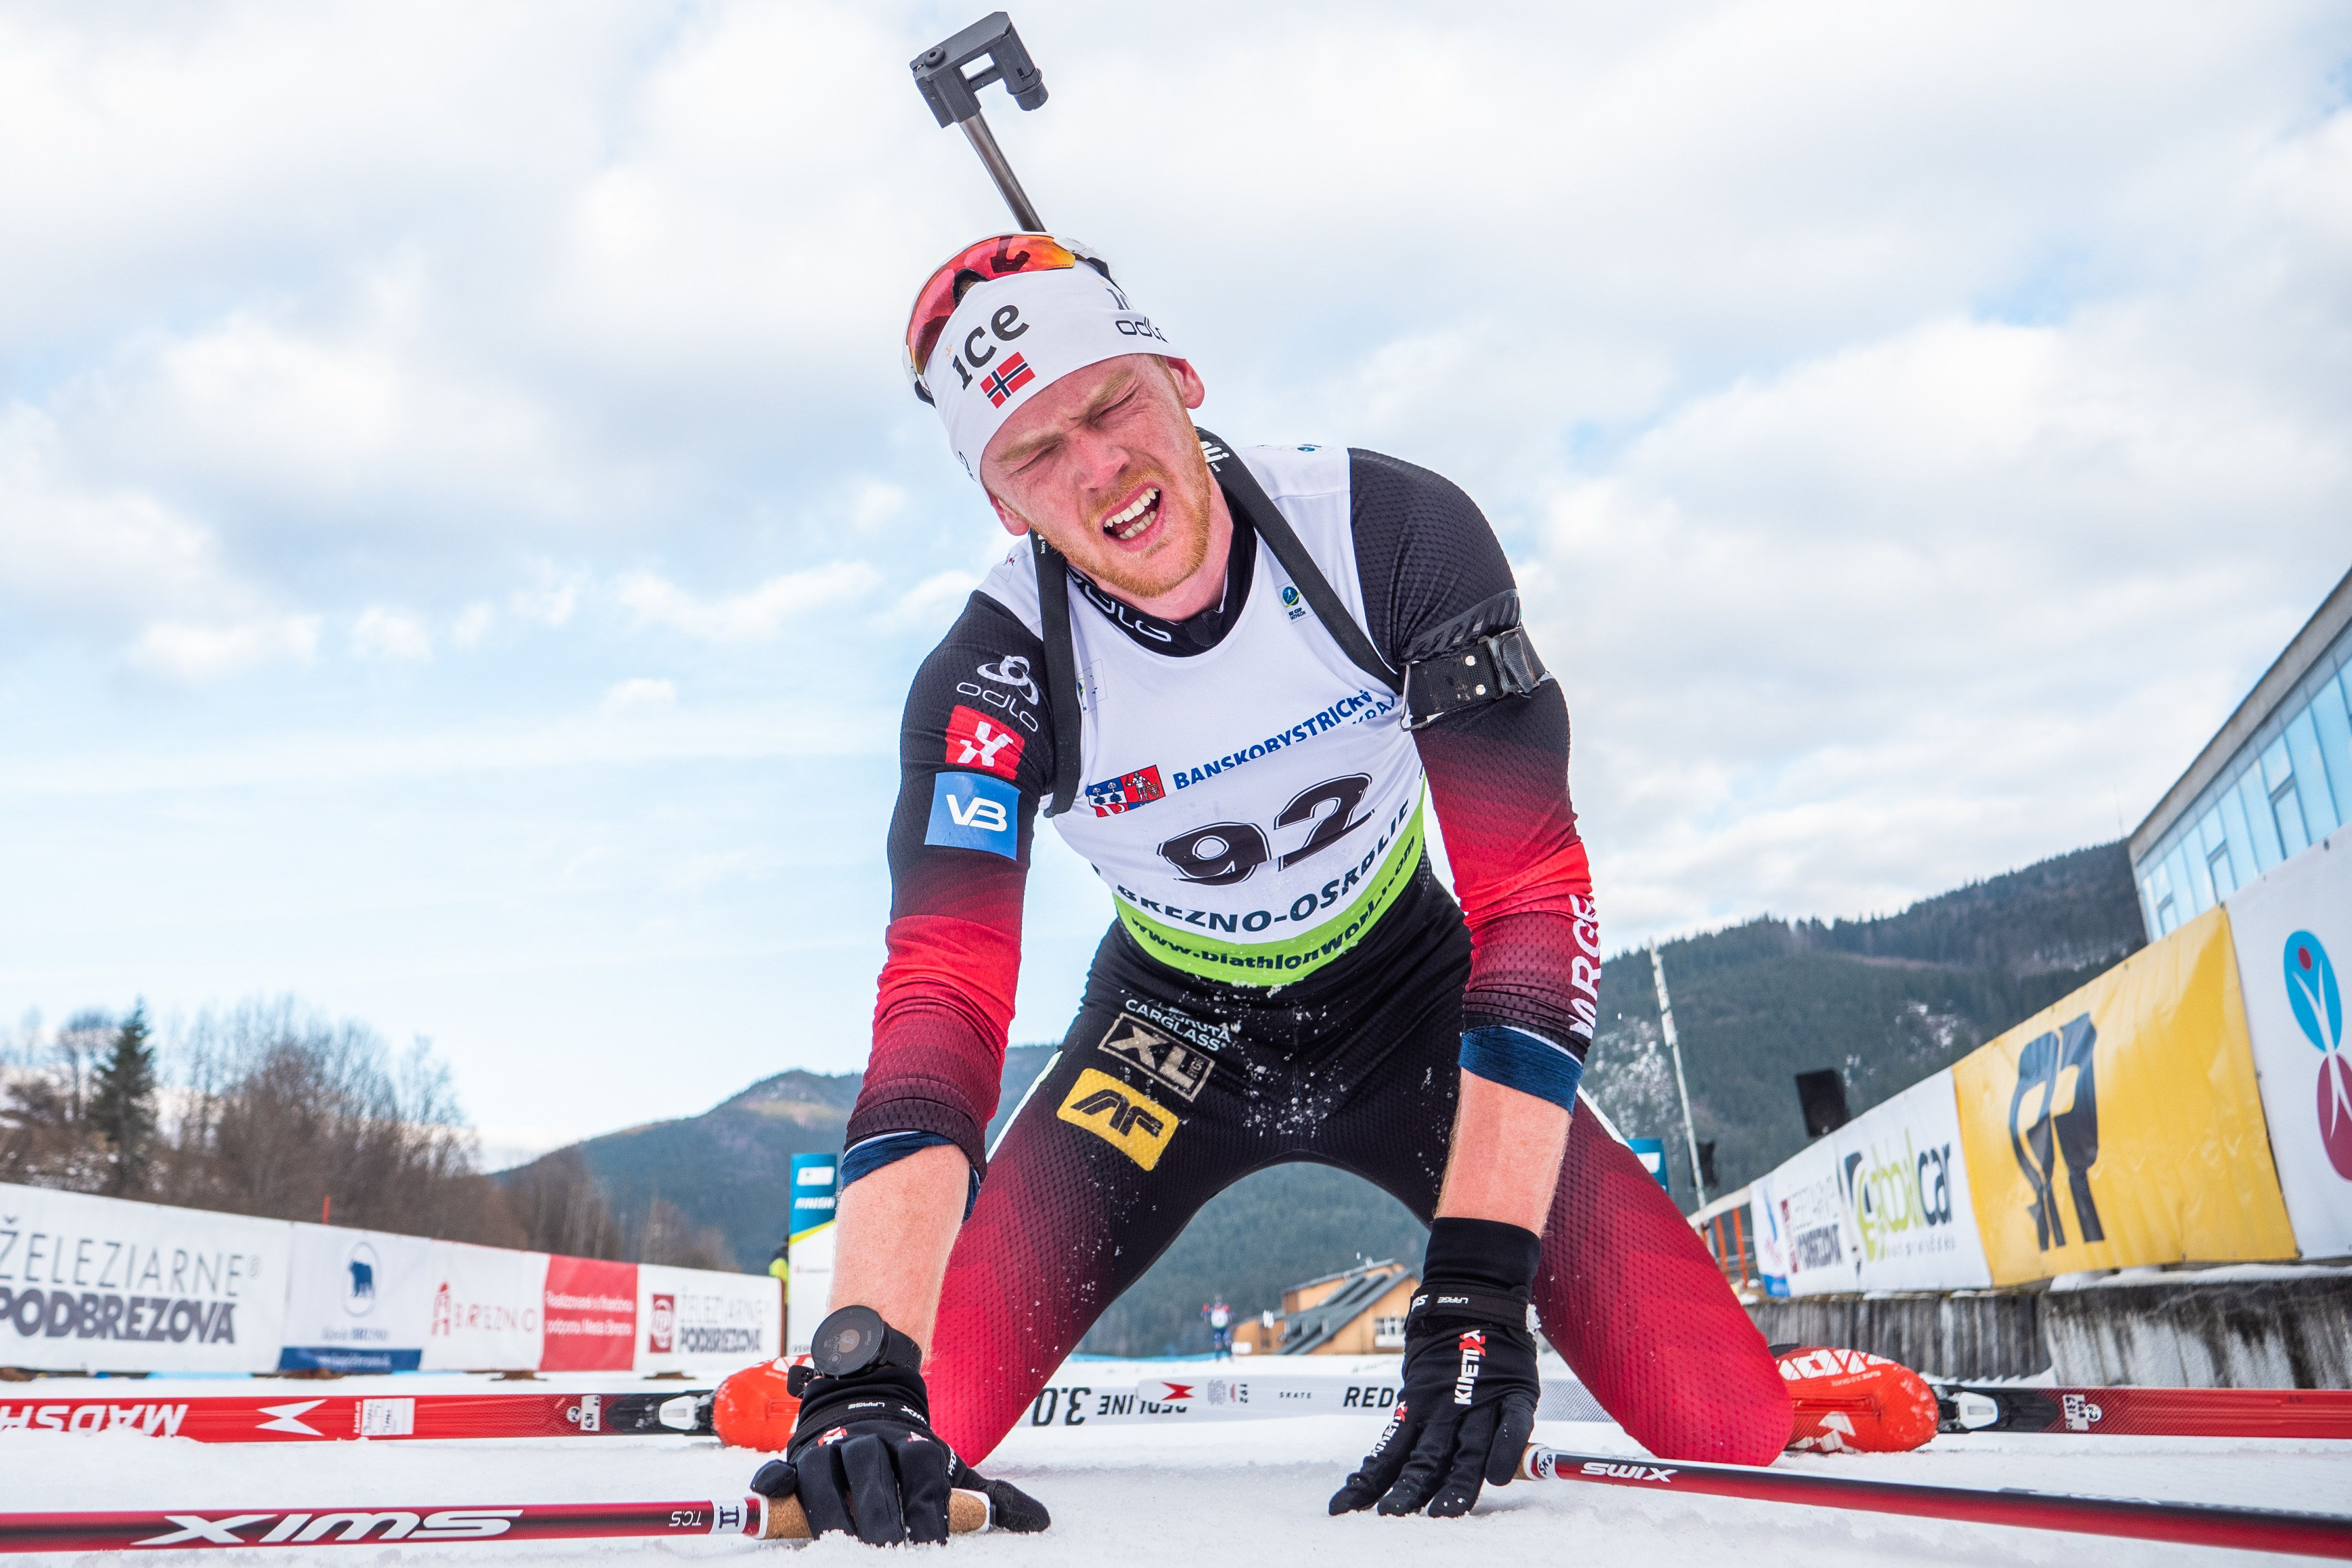 Триумф норвежцев и первая медаль россиян. Видеообзор мужской эстафеты на ЧМ по биатлону (ВИДЕО)